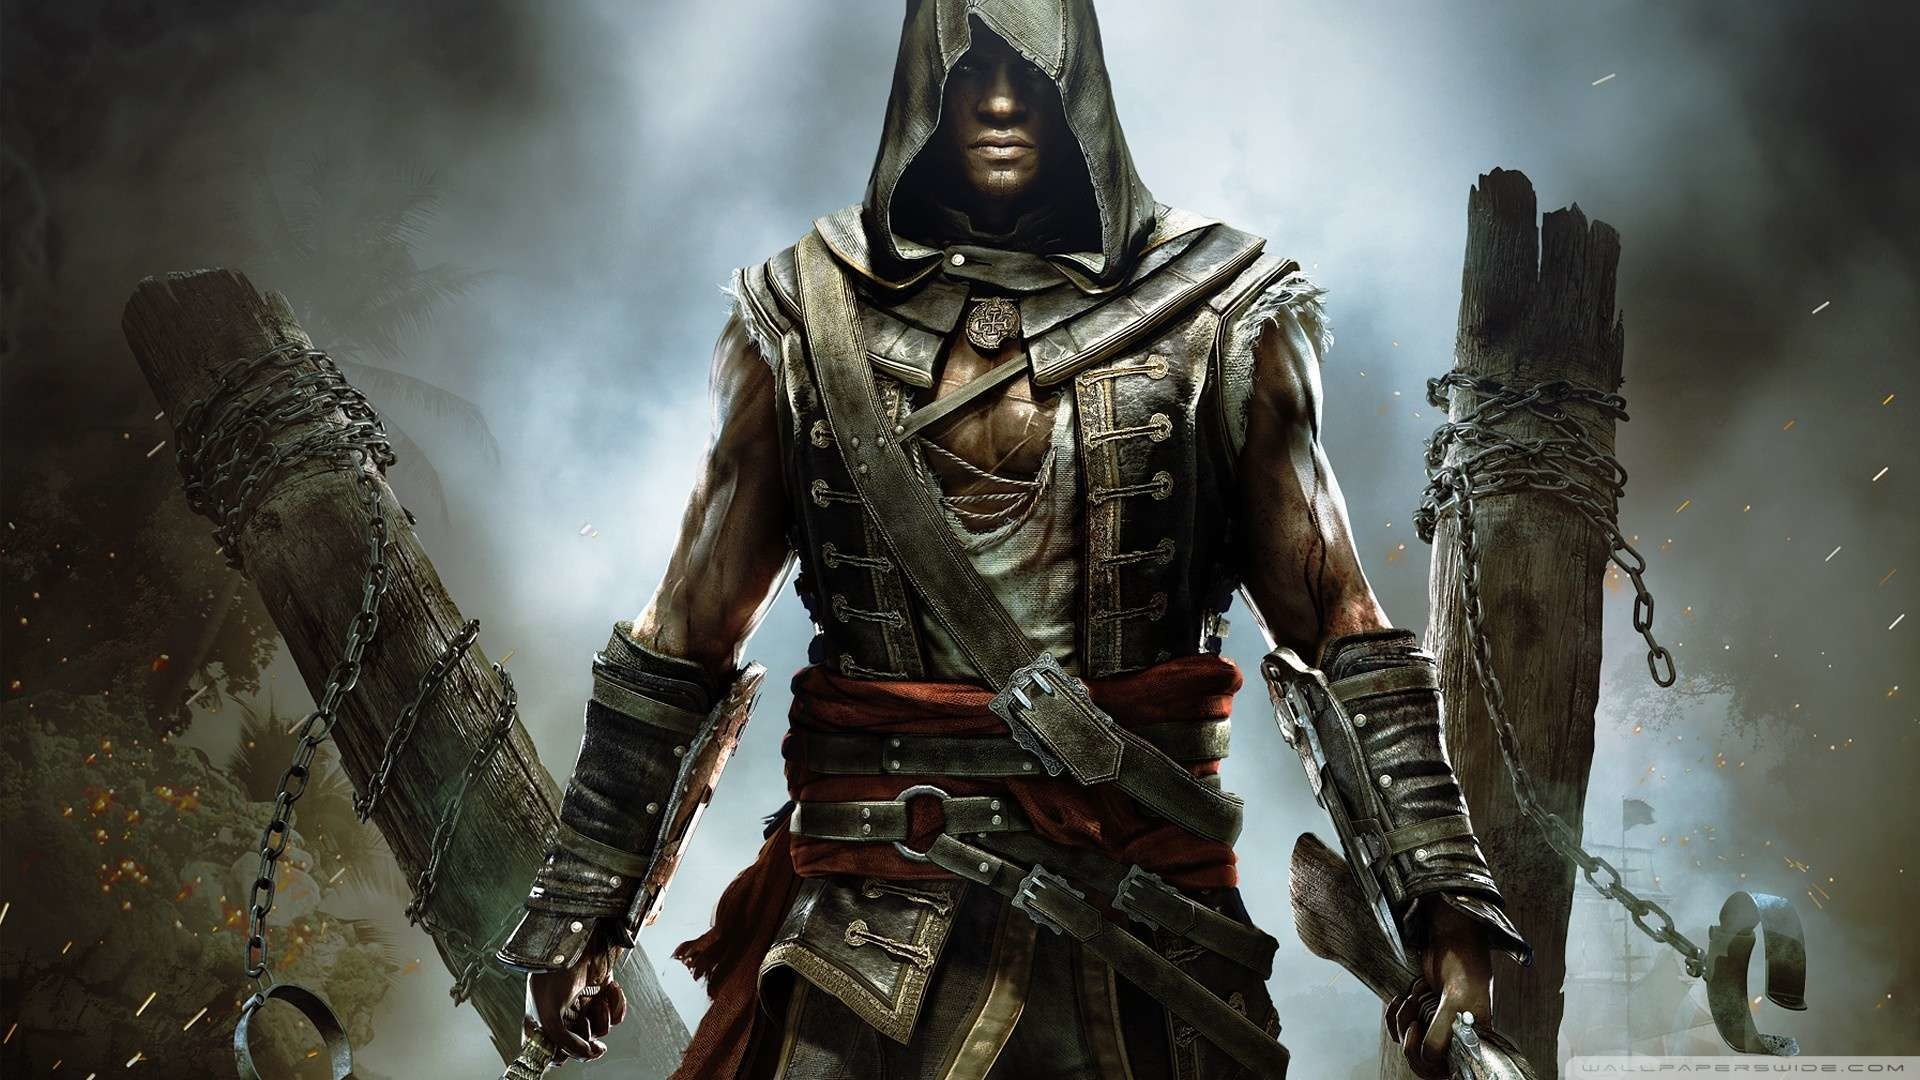 Assassin's Creed Black Flag Wallpapers – WallpaperSafari